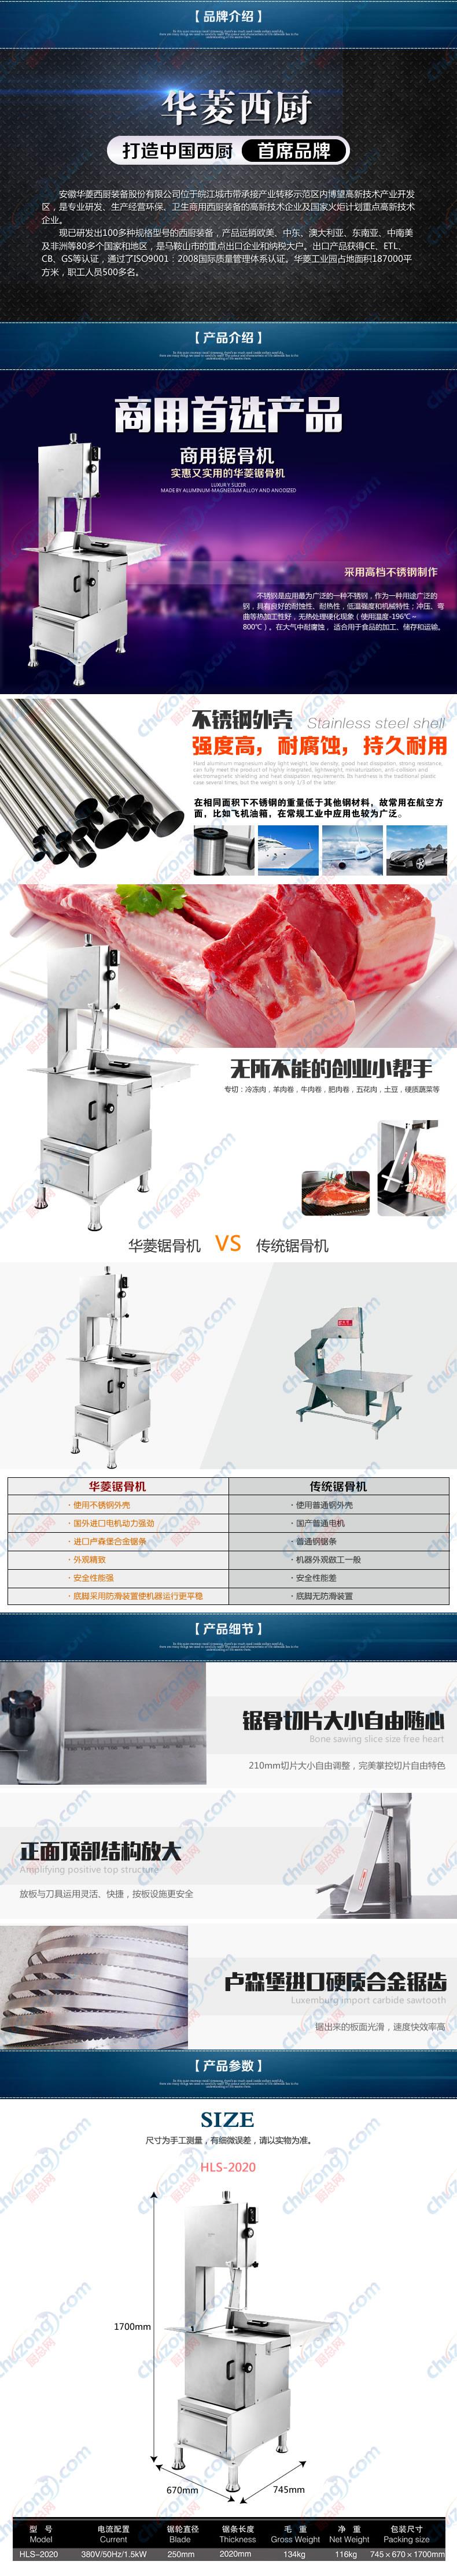 華菱西廚鋸骨機,不銹鋼鋸骨機,商用鋸骨機HLS-2020